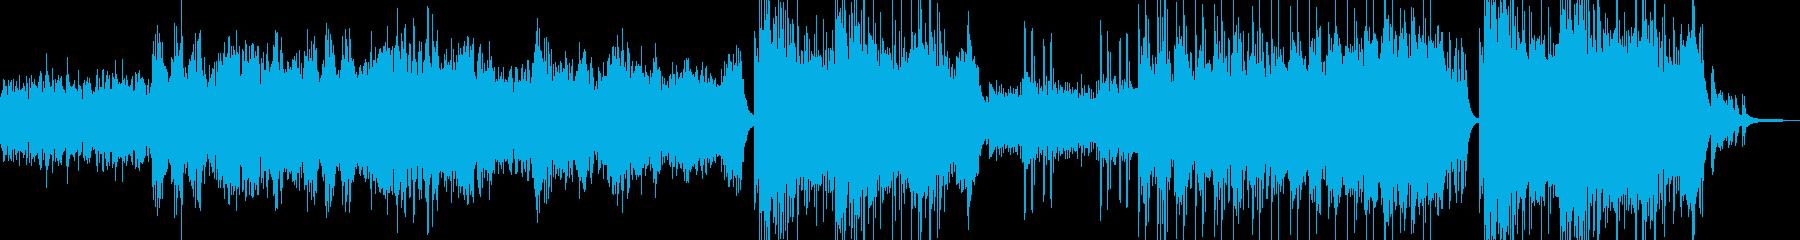 異世界・故人を想う雰 後半ドラム有 長尺の再生済みの波形